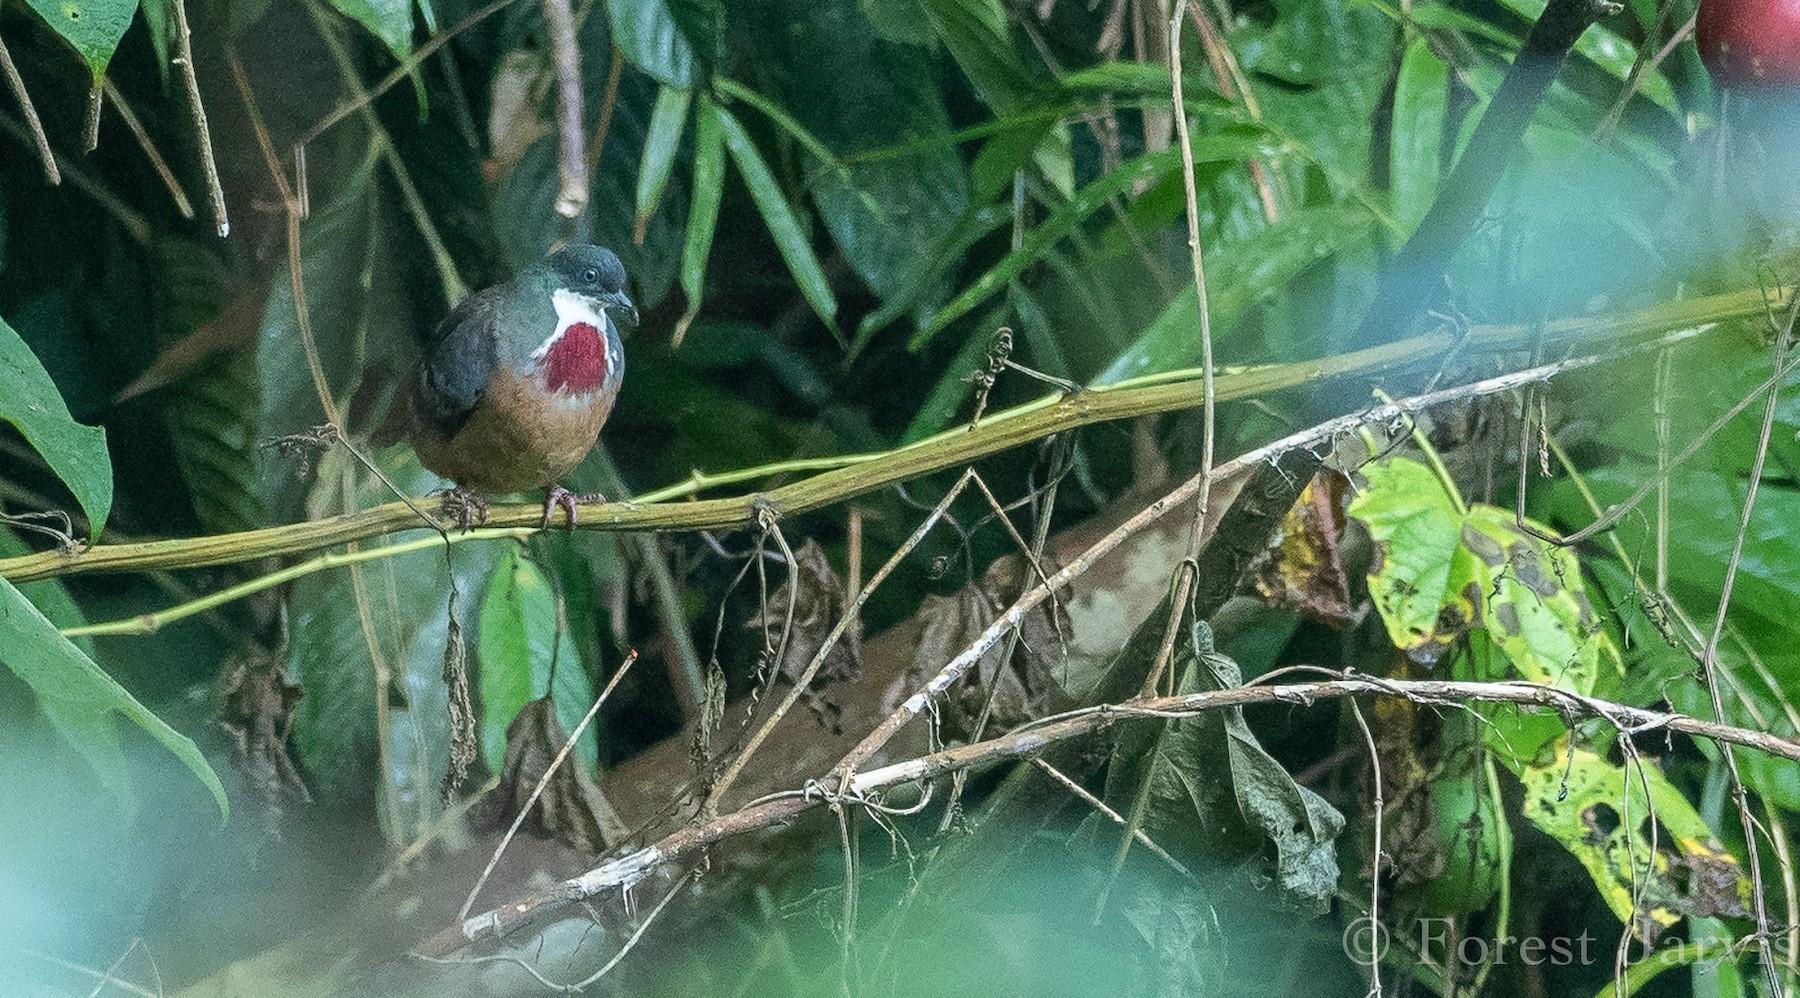 Mindanao Bleeding-heart - Forest Jarvis